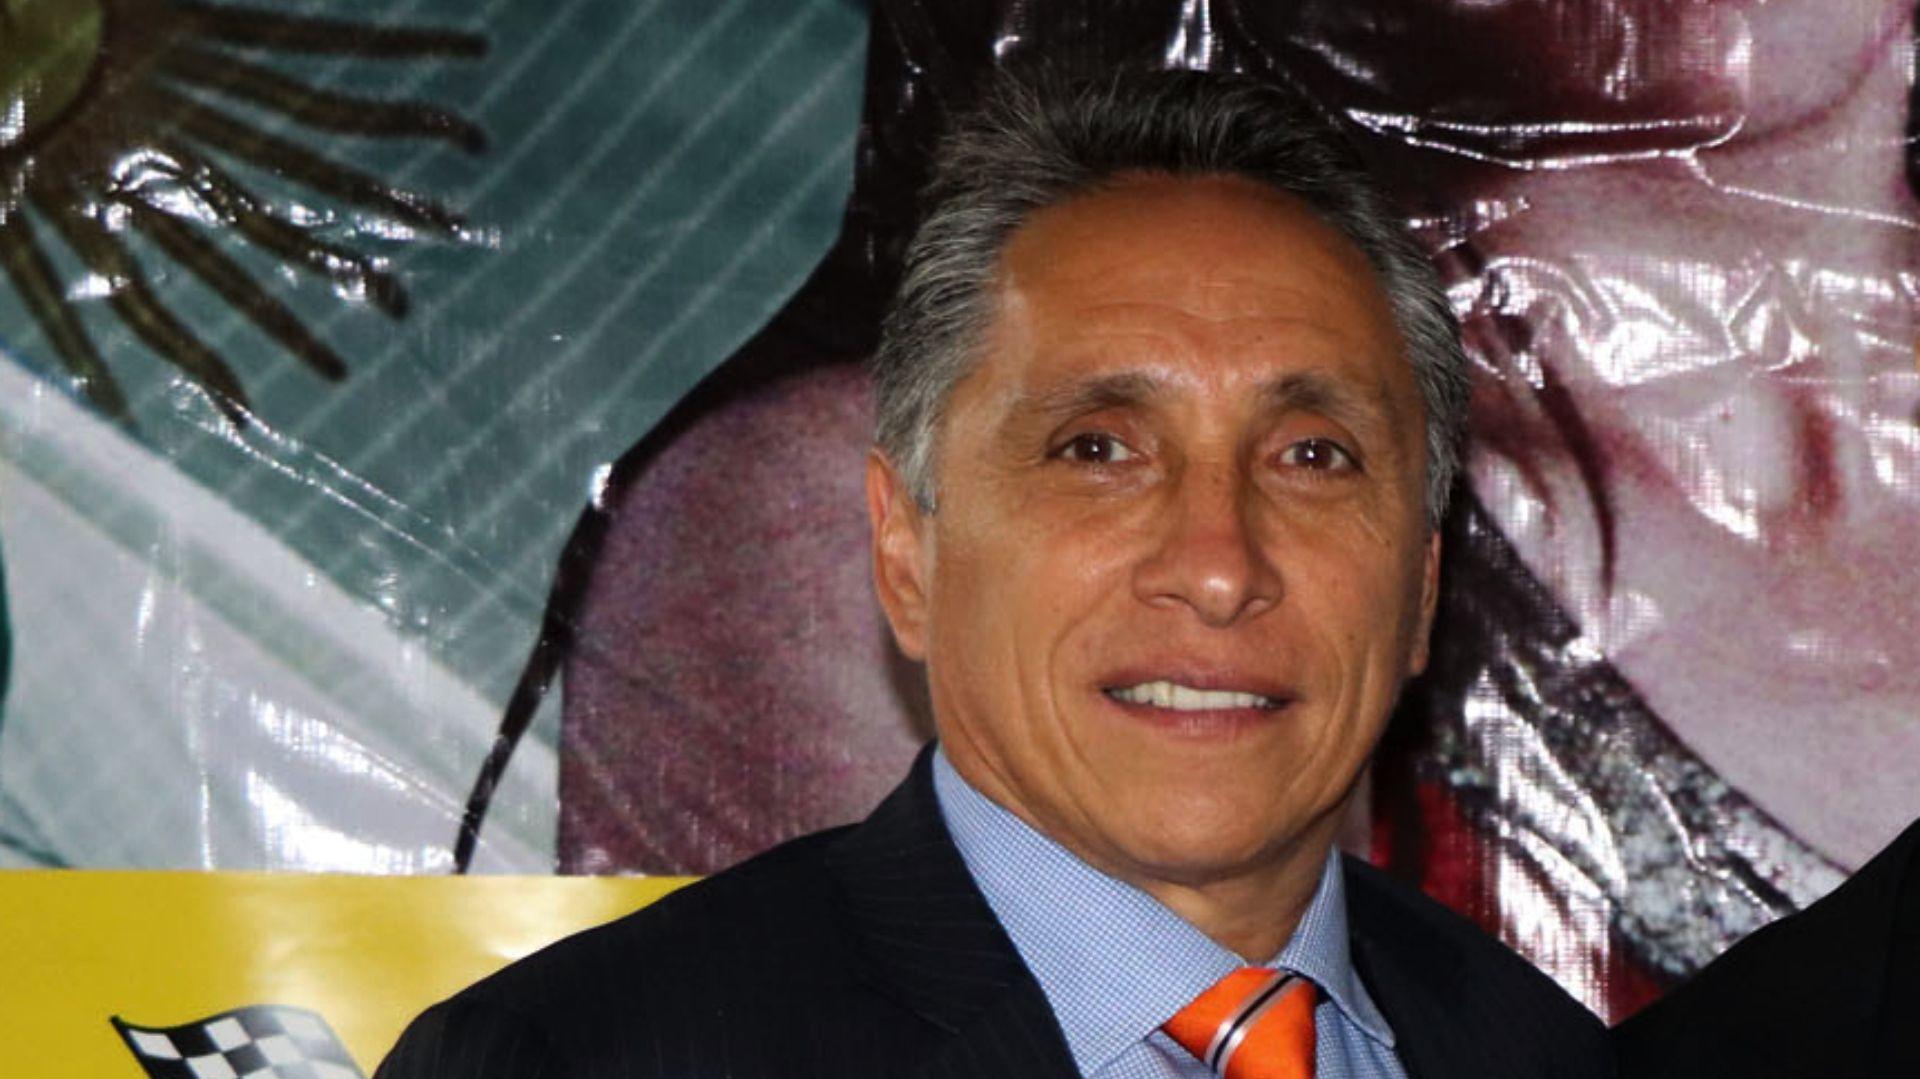 Manolo Negrete presentó una pelea de box hace unos días, ahora como alcalde de Coyoacán (Foto: Pablo Lozano/Zanfer)